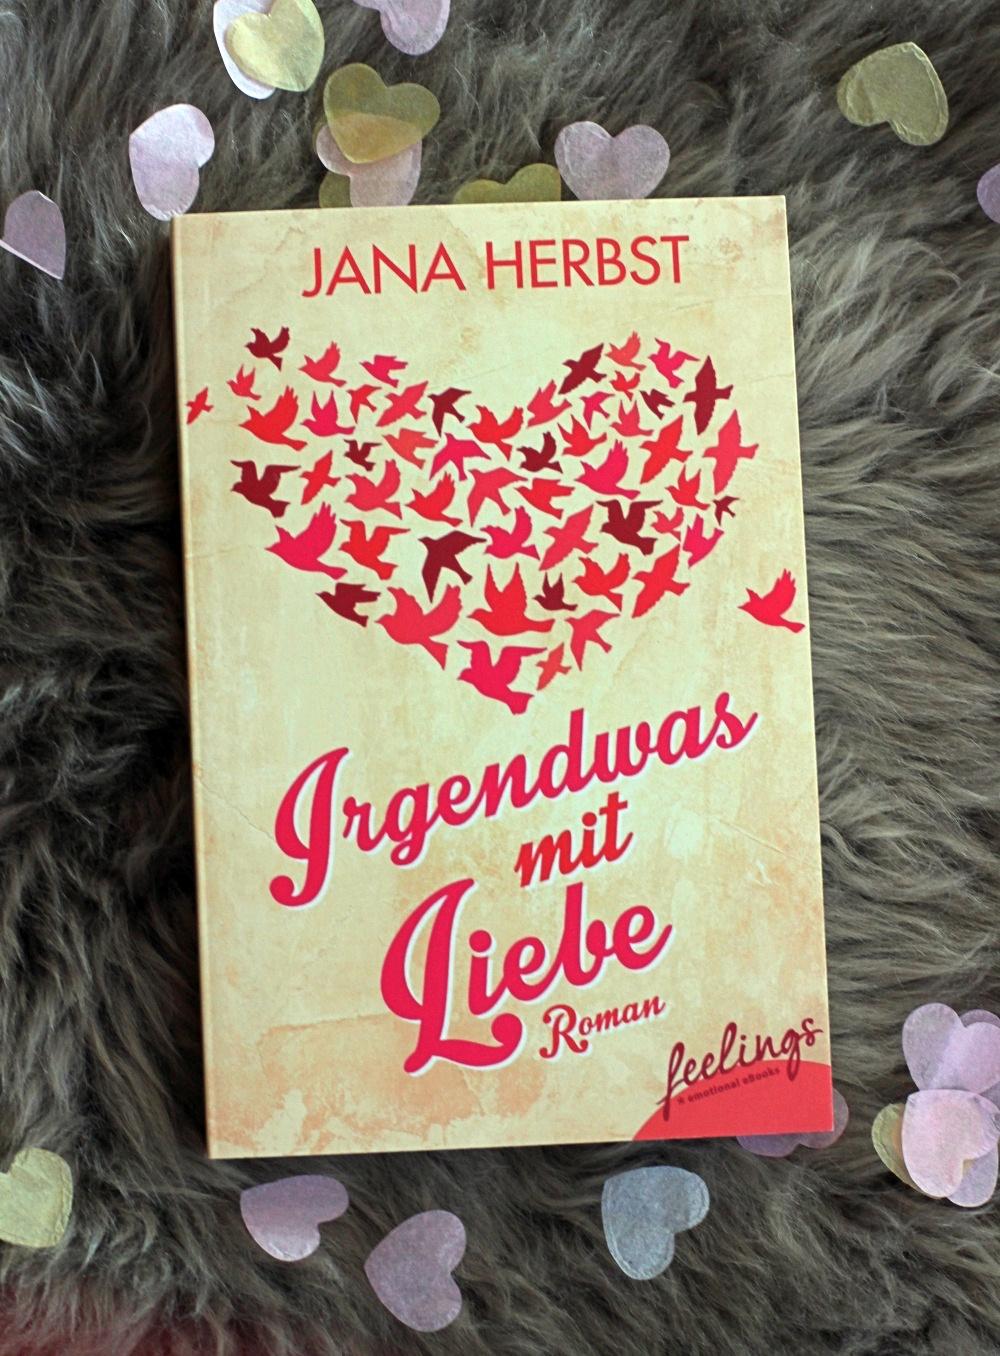 Irgendwas mit Liebe von Jana Herbst